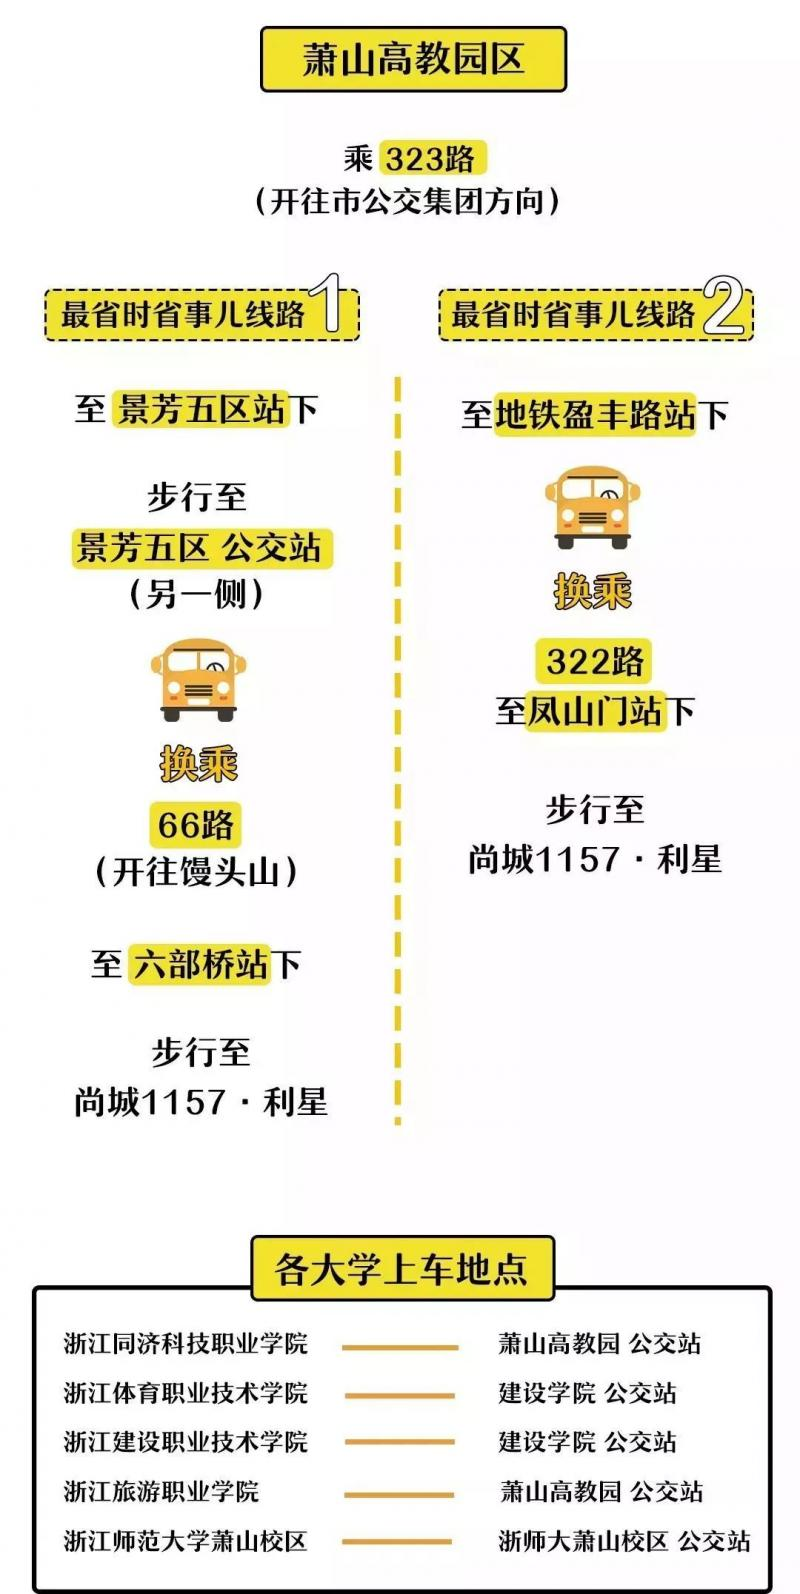 """杭州""""穷游攻略"""",""""一日游攻略""""出炉!多条线路供你选!"""